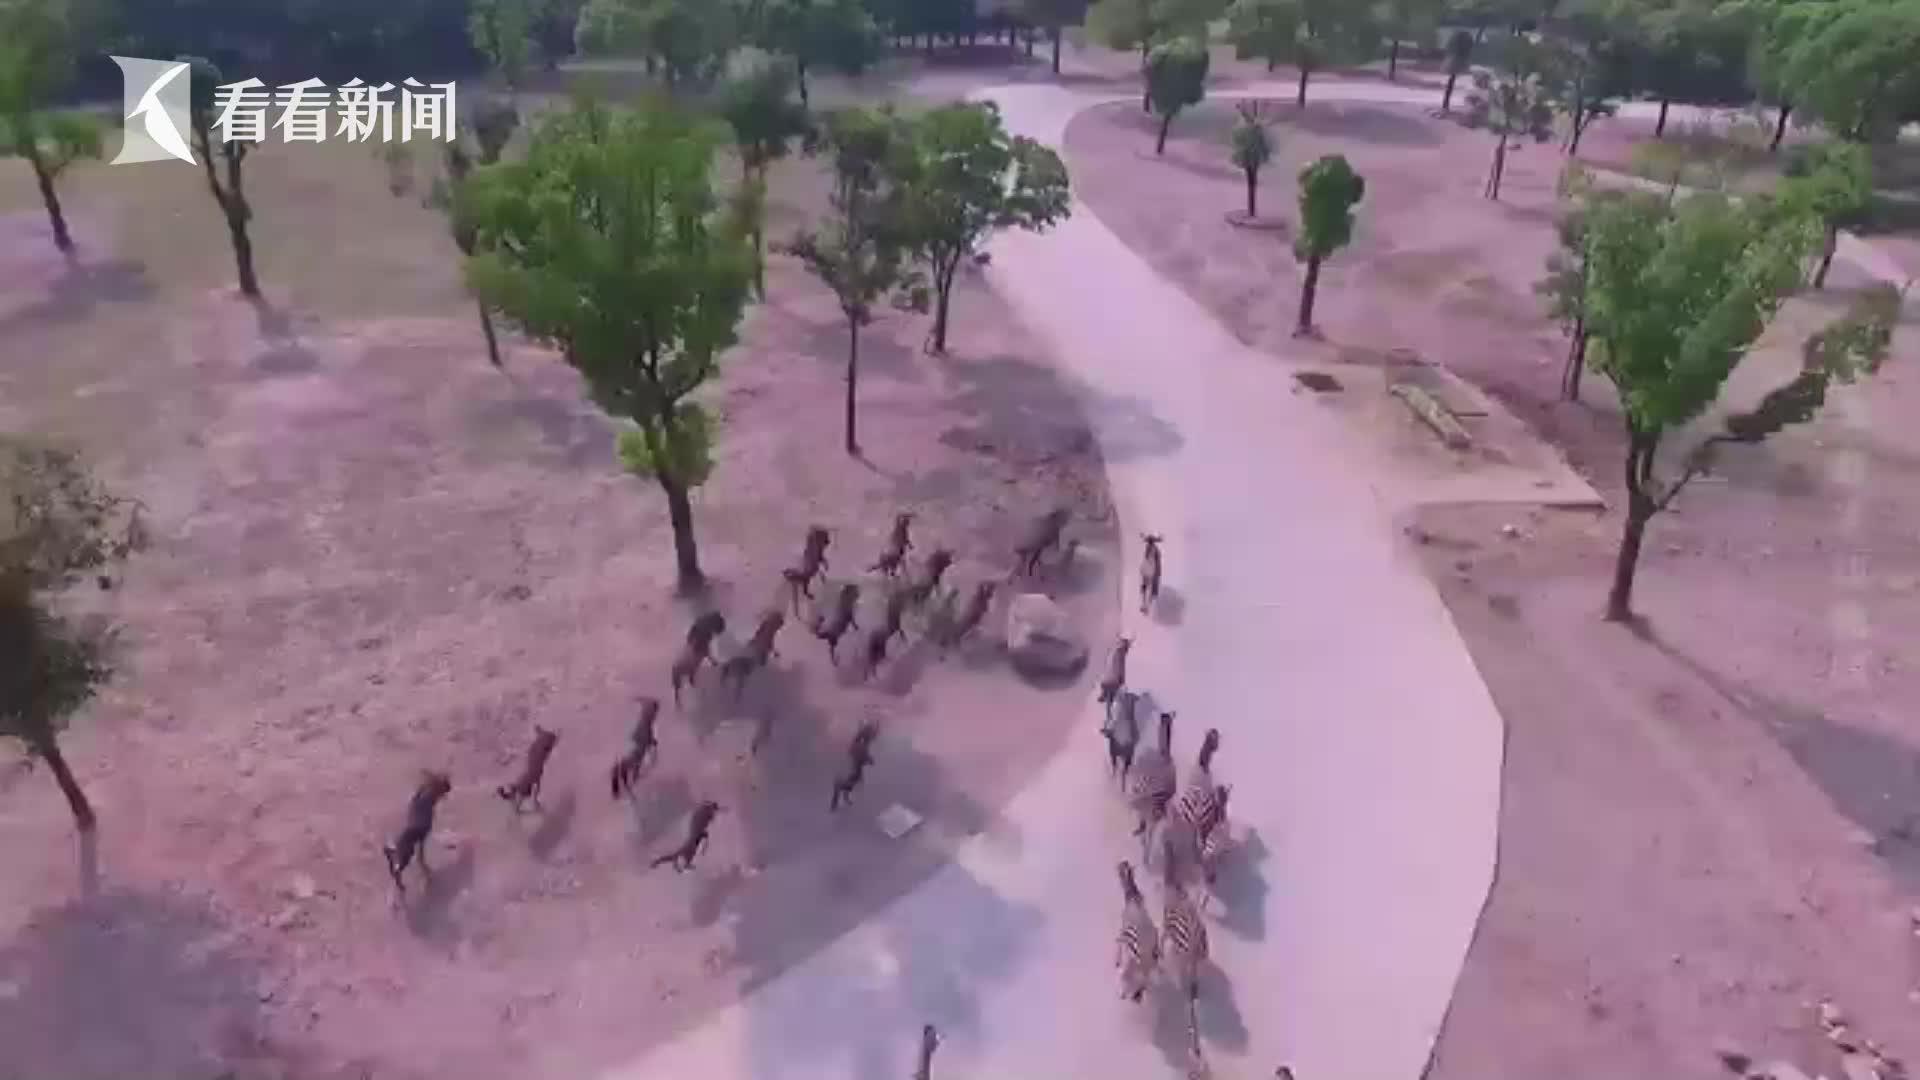 【航拍】飞越上海野生动物园